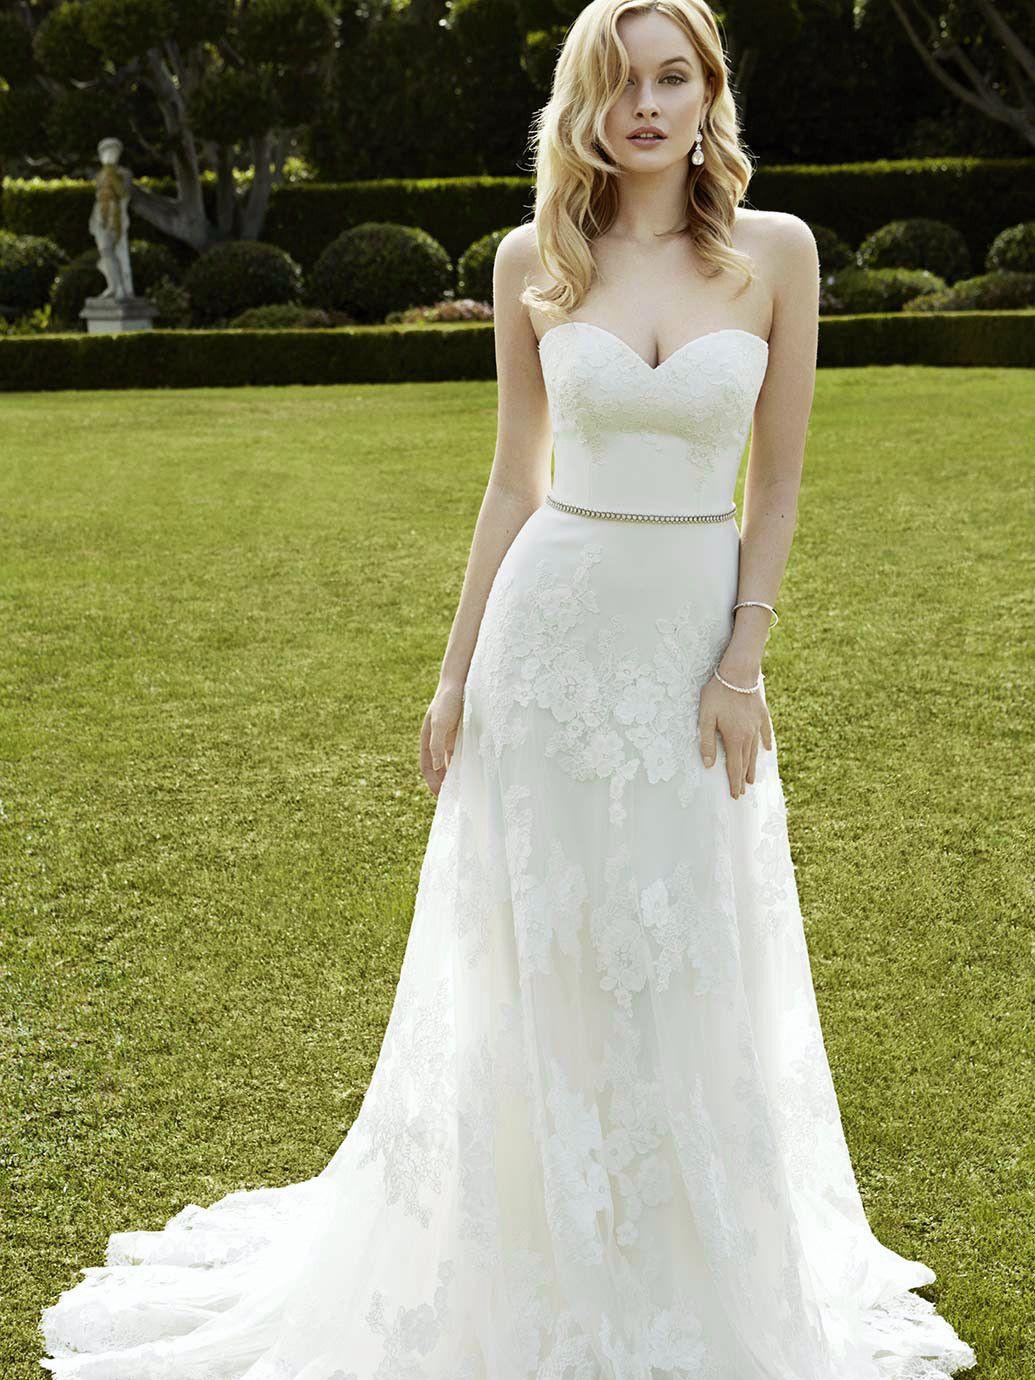 Slim fit wedding dresses  Atelier de Vestidos de Noiva e Festa Localizado em Lisboa Eddy K